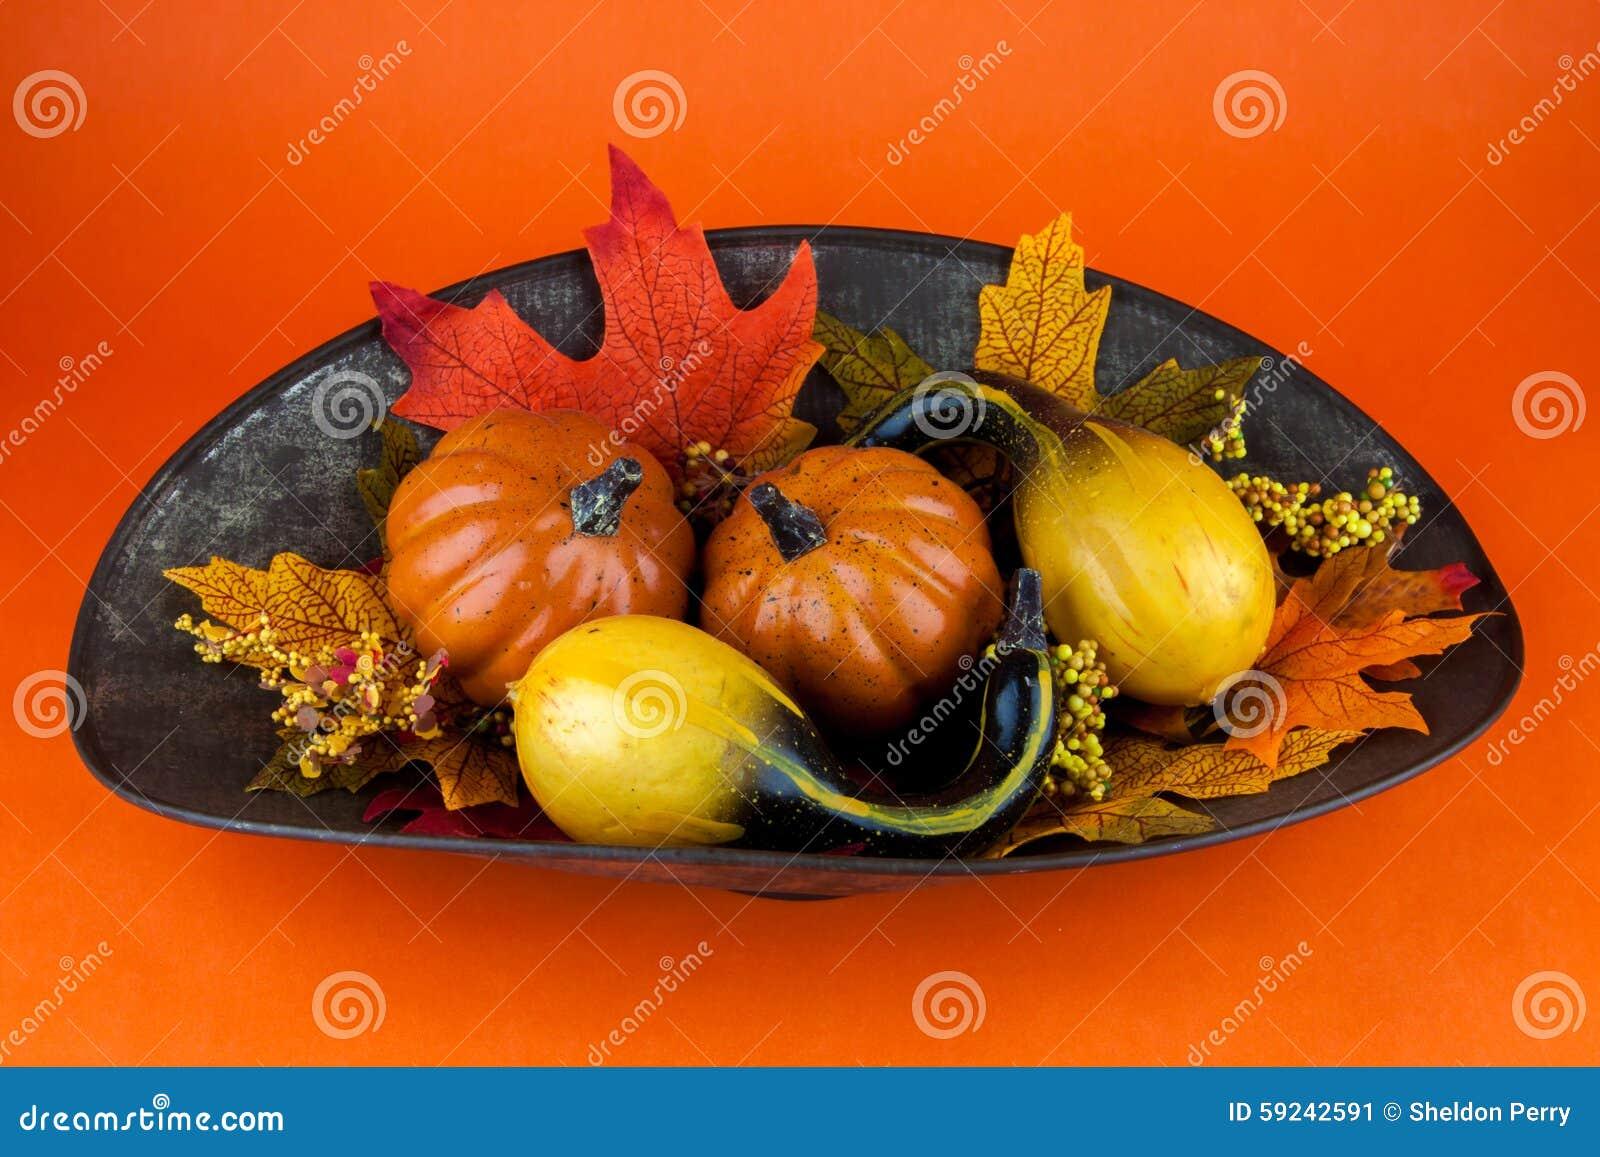 Download Calabazas y Autumn Leaves imagen de archivo. Imagen de fondo - 59242591